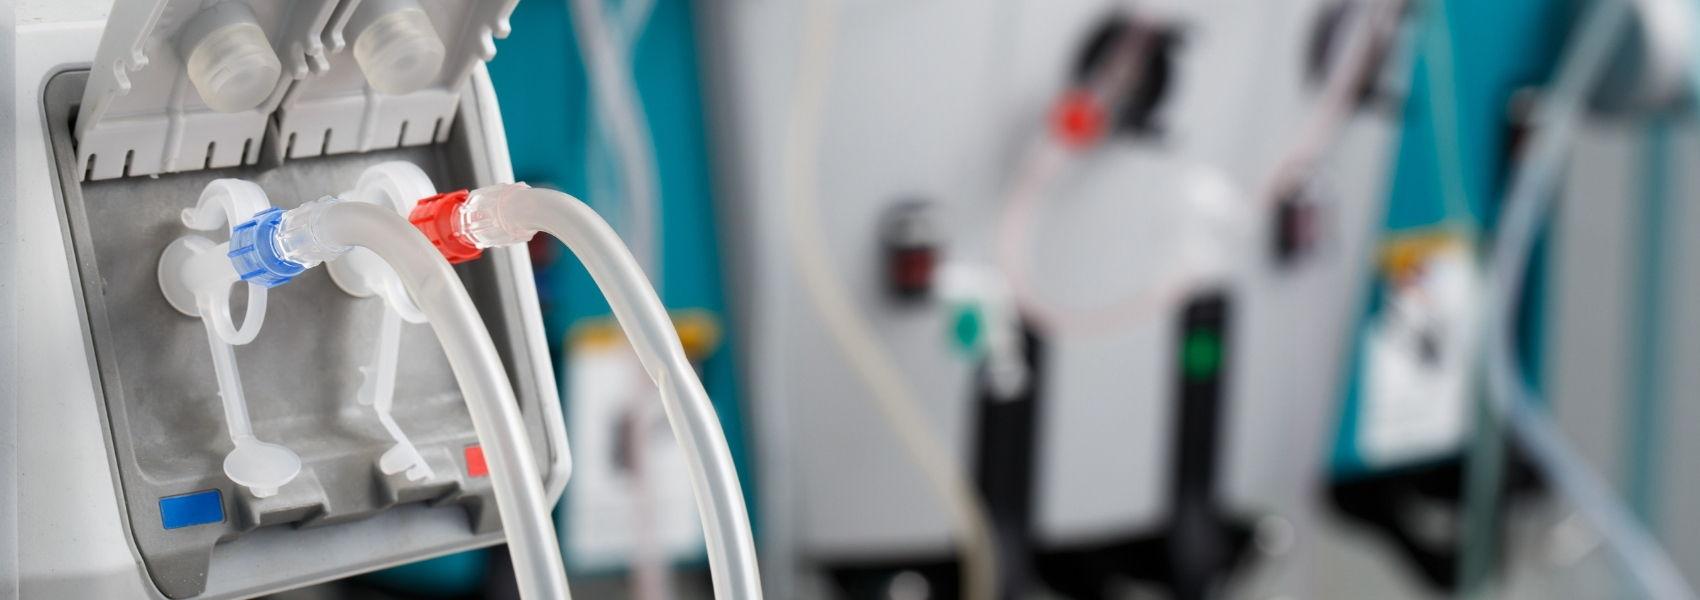 Estudo prevê aumento de mais de 50% na necessidade de quimioterapia